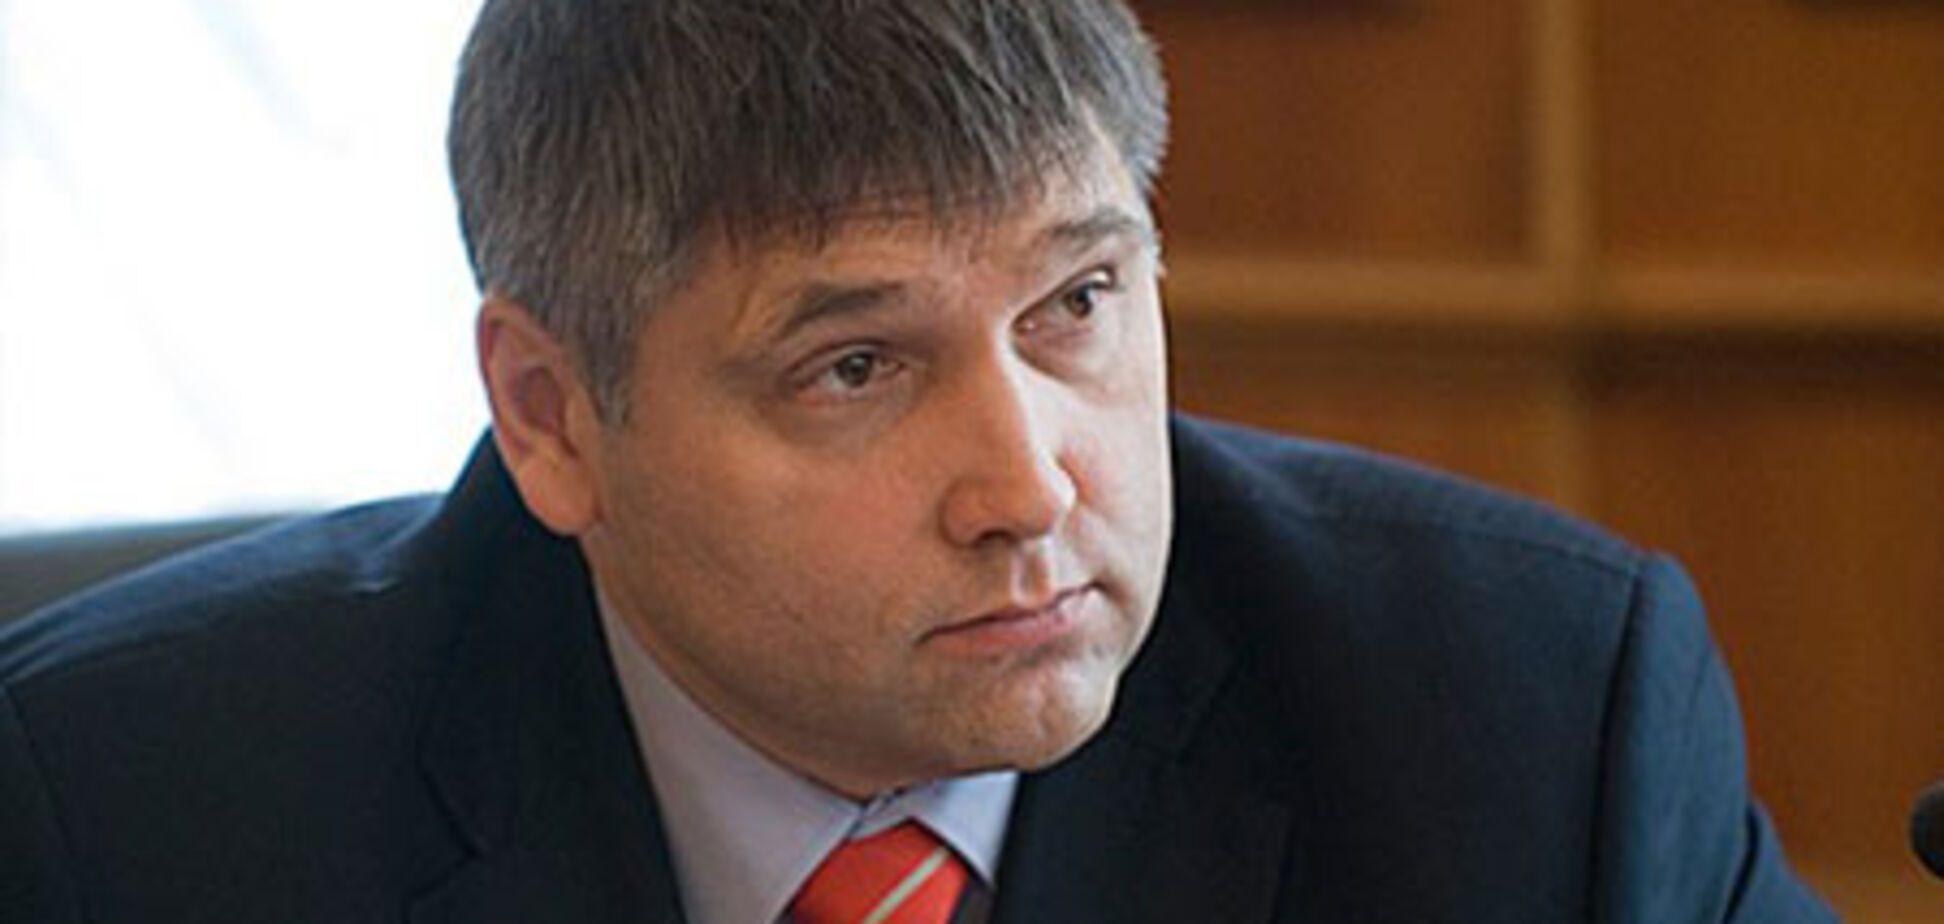 Данилишин зіпсував собі репутацію втечею - депутат ПР